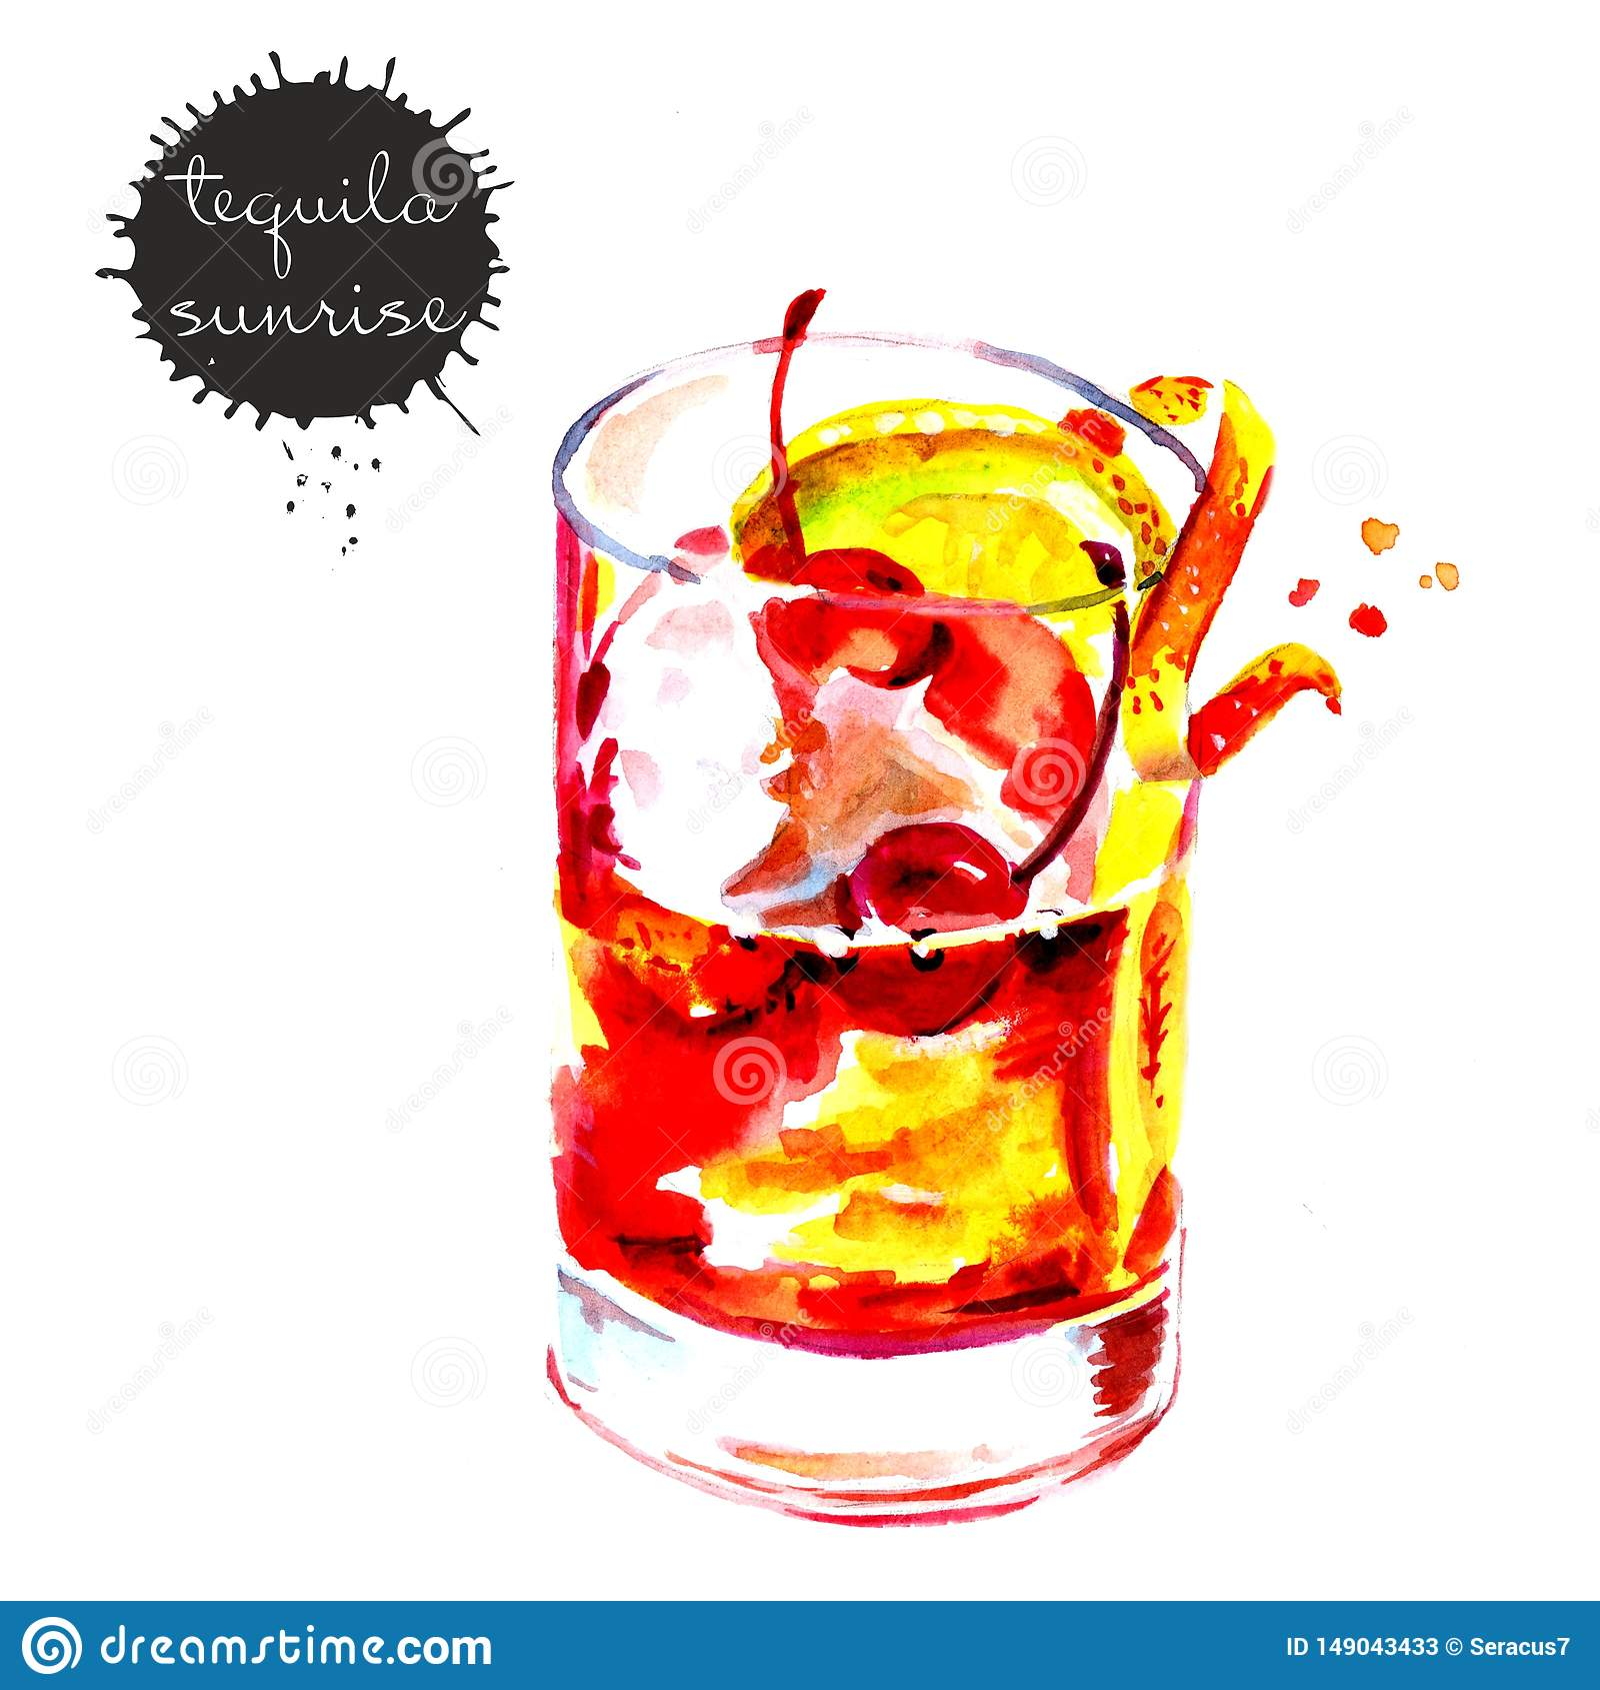 Aquarellzeichnung eines Cocktails mit Zitrone und Kirsche